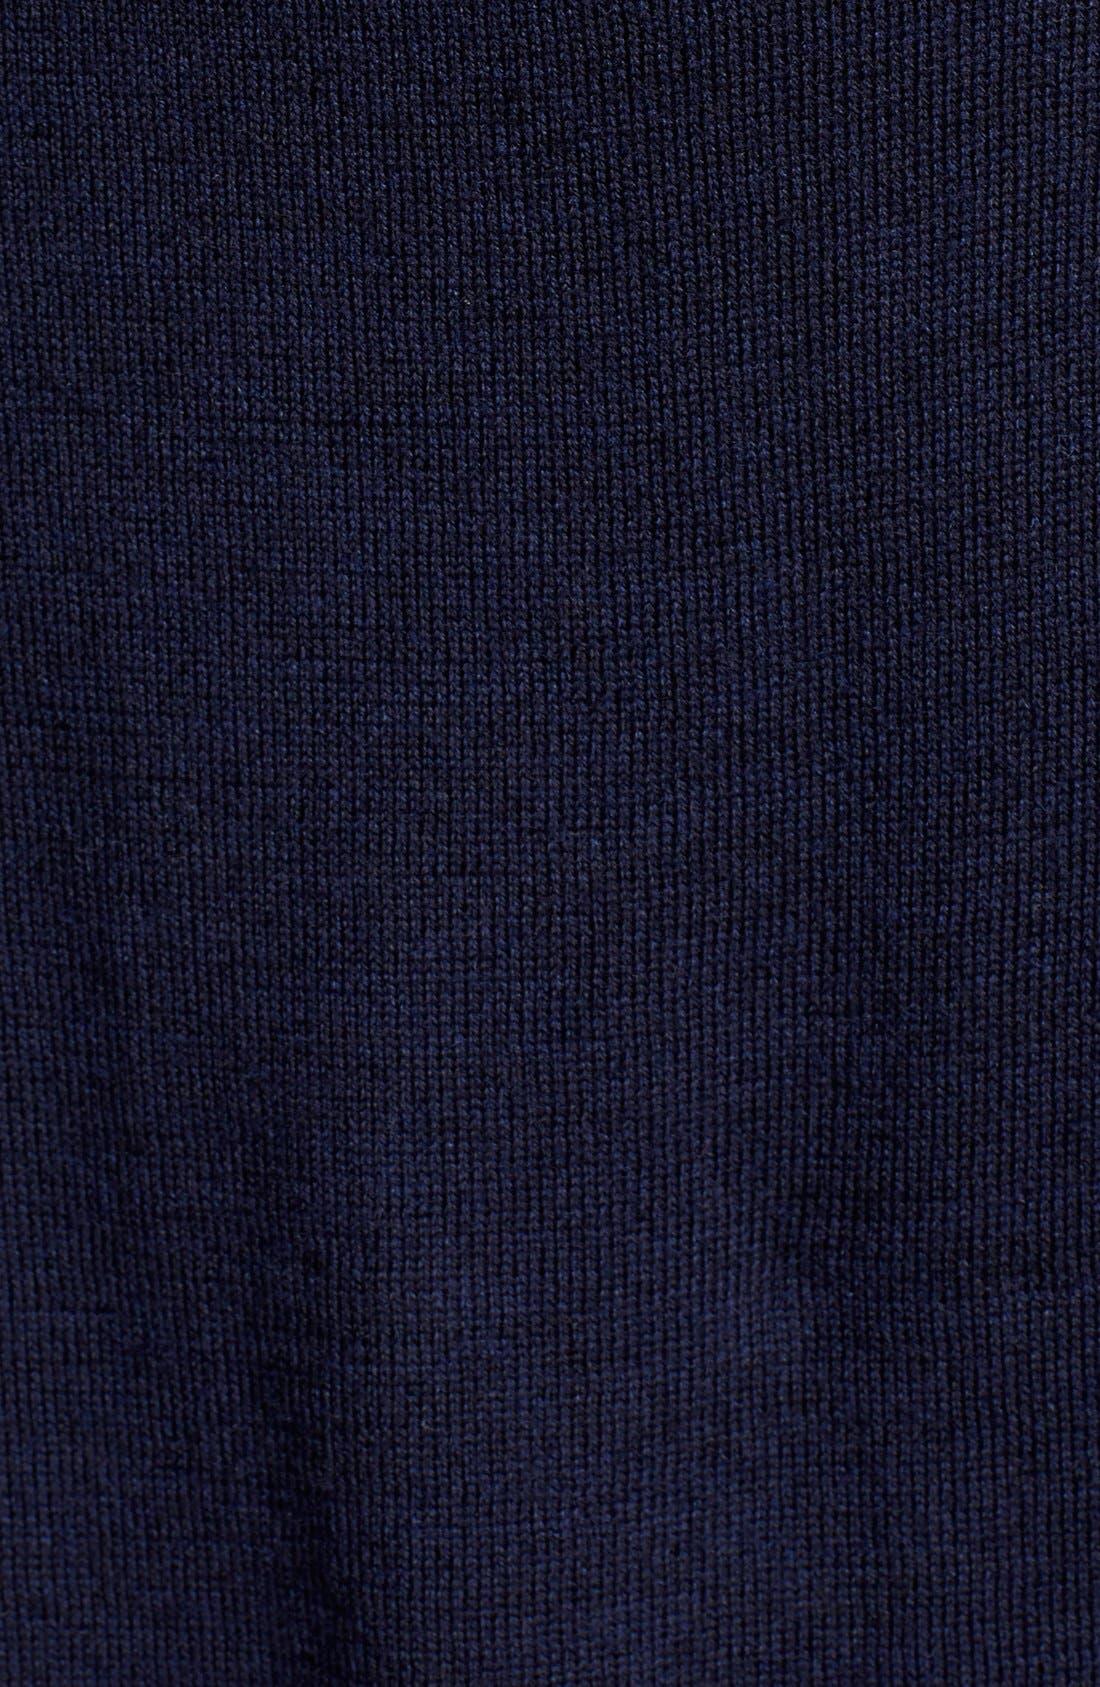 Alternate Image 3  - Joie 'Esmelle' Merino Wool Hoodie